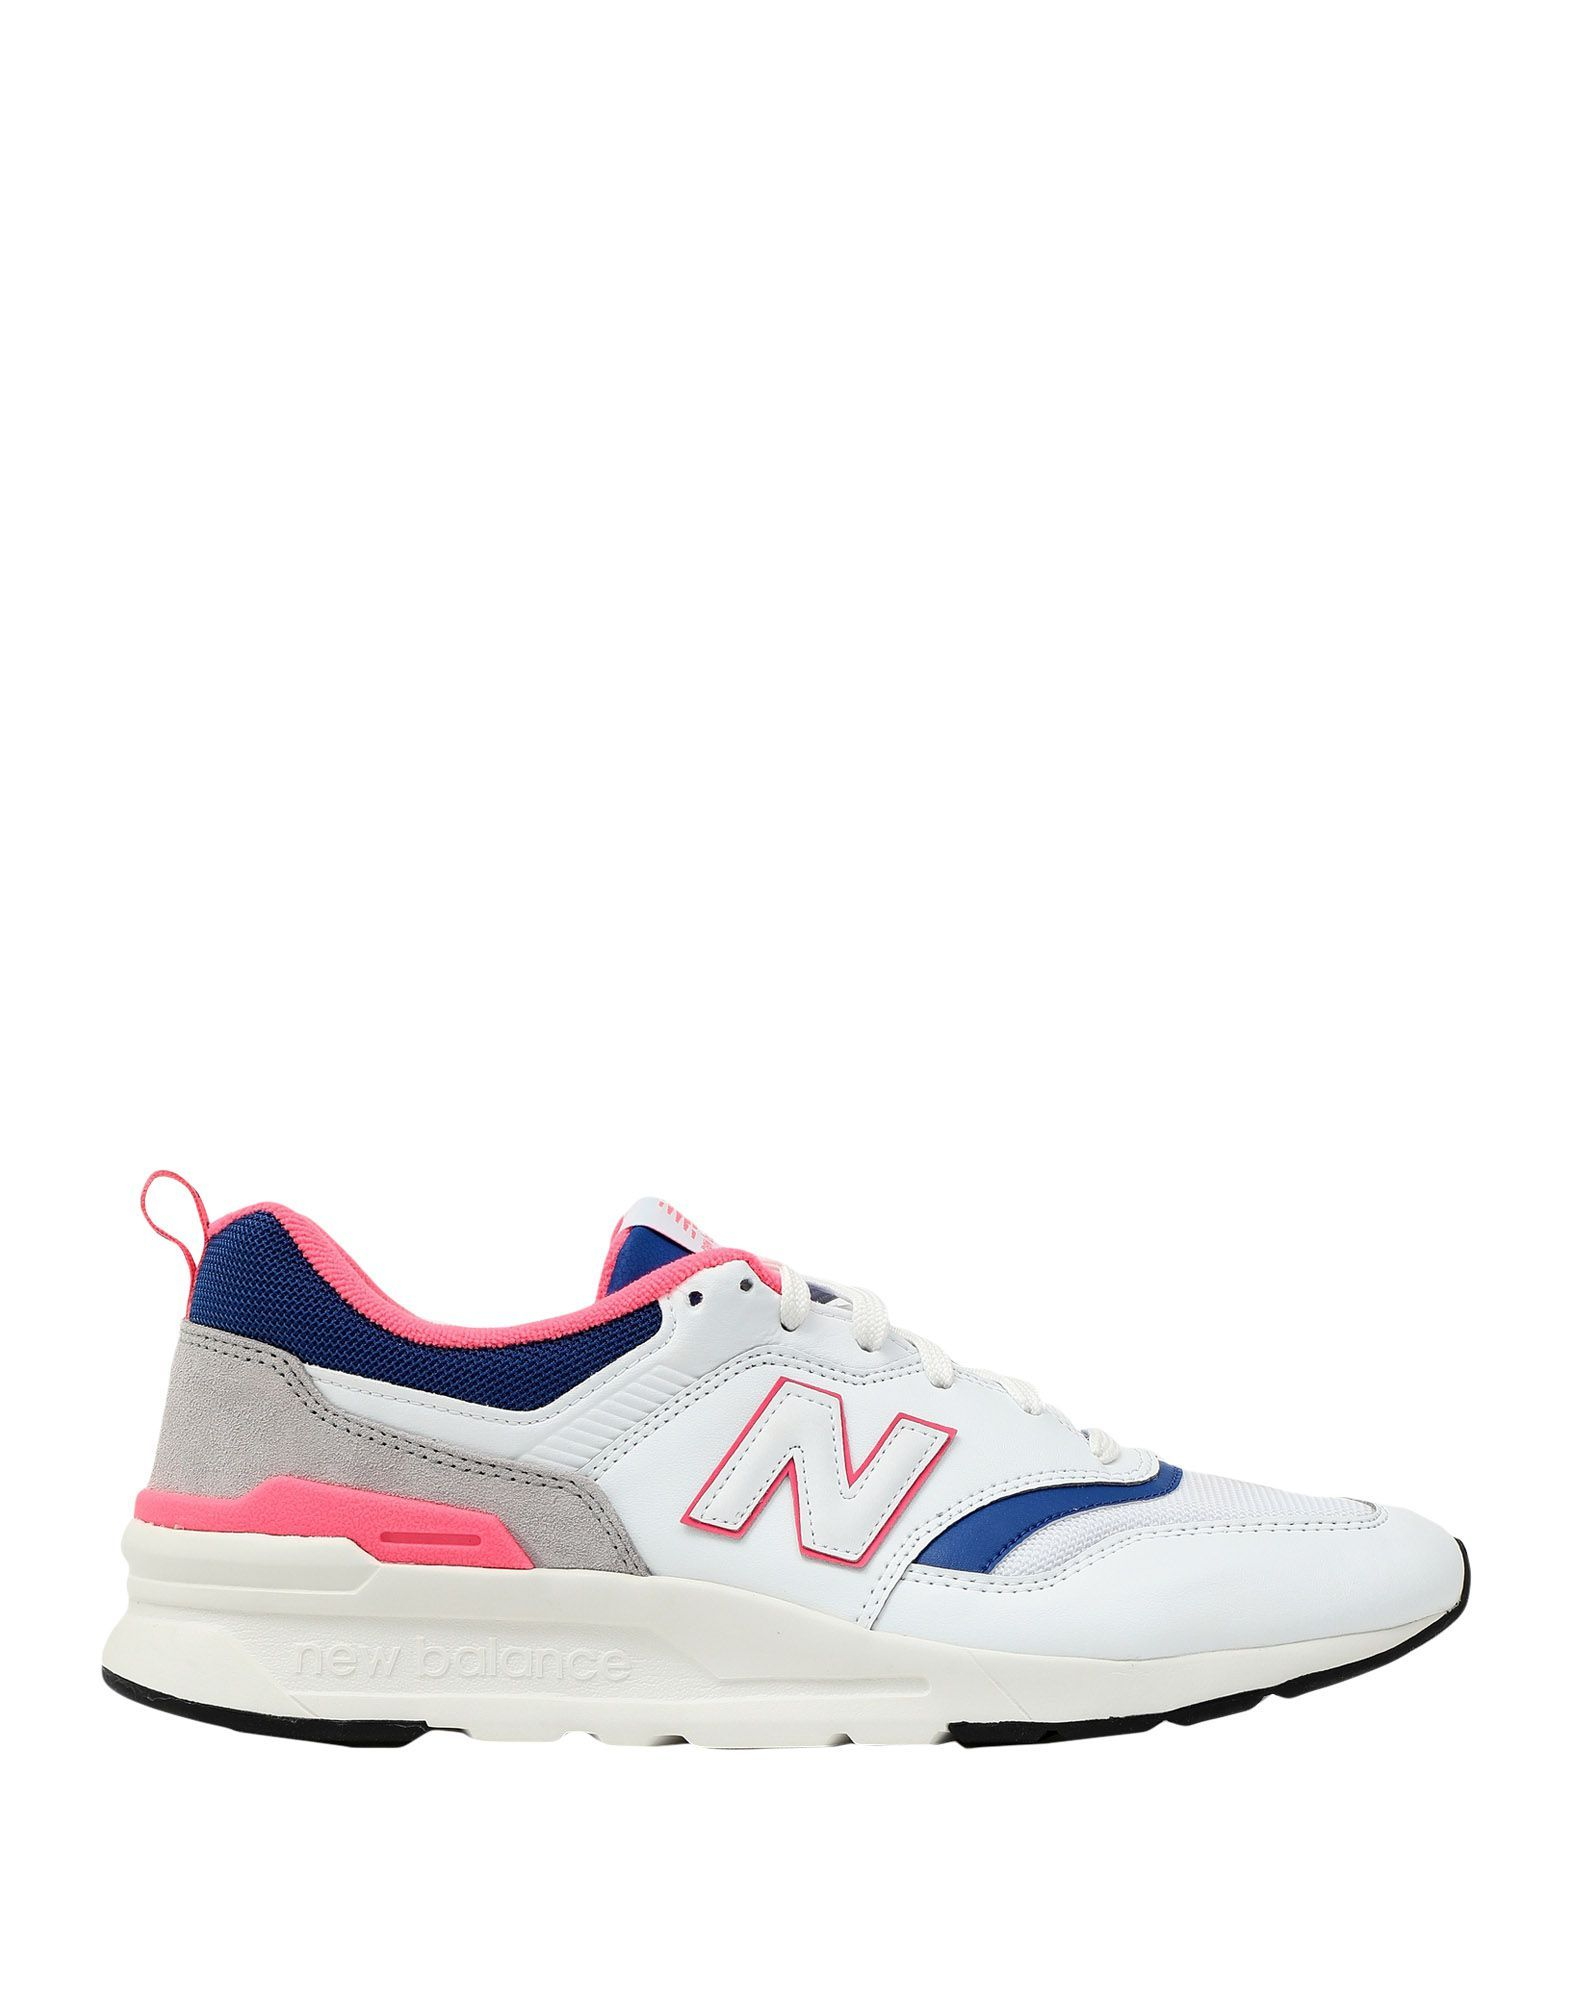 NEW BALANCE Sneakers. newbalance shoes New balance